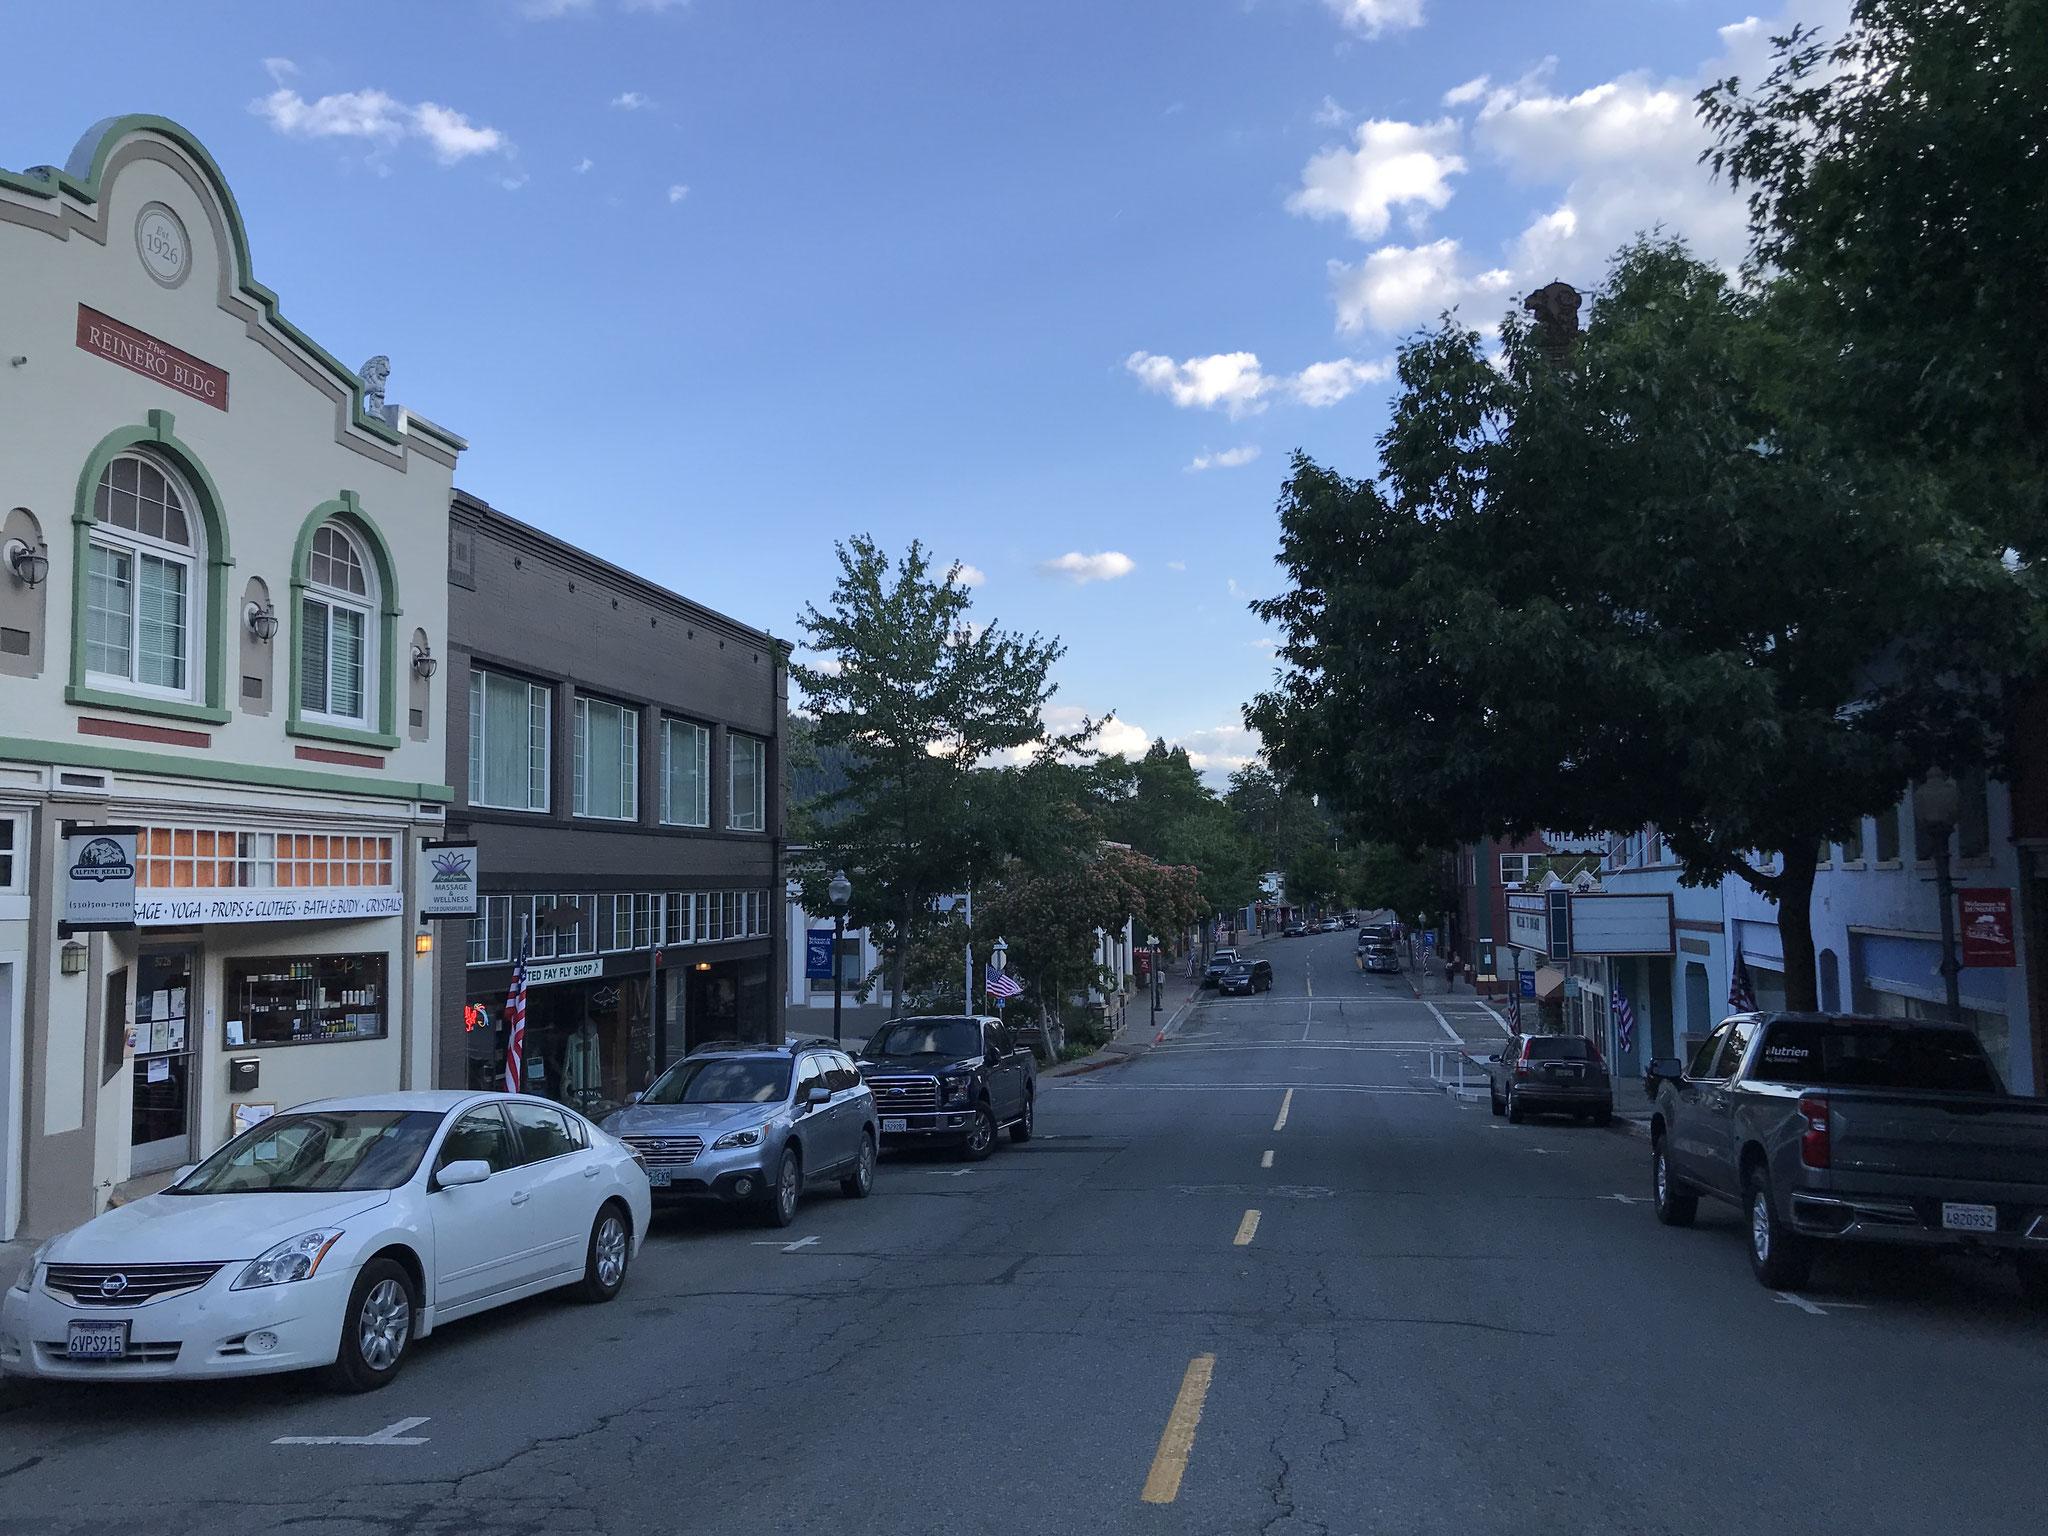 Dunsmuir ist eine Stadt von grossem  historischen Wert. Im Dorfkern sieht alles so aus, wie in den 1930 Jahren. In den alten heruntergekommenen Gebäuden hat es noch ein paar Läden, die sich so präsentieren.